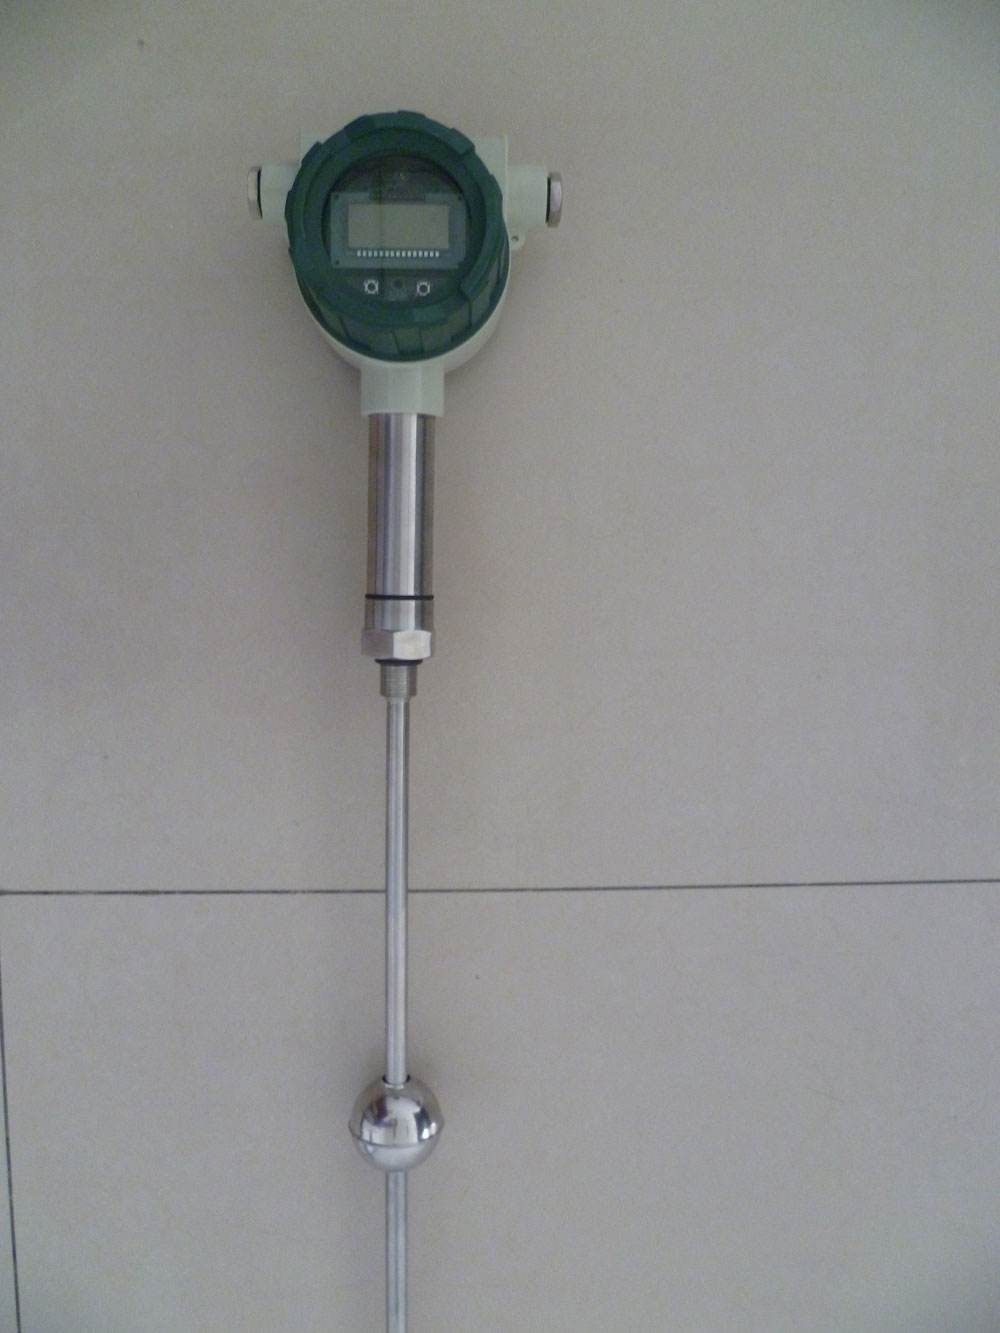 哈尔滨高压液位计多少钱 创新服务「武汉康宇通达测控仪表供应」